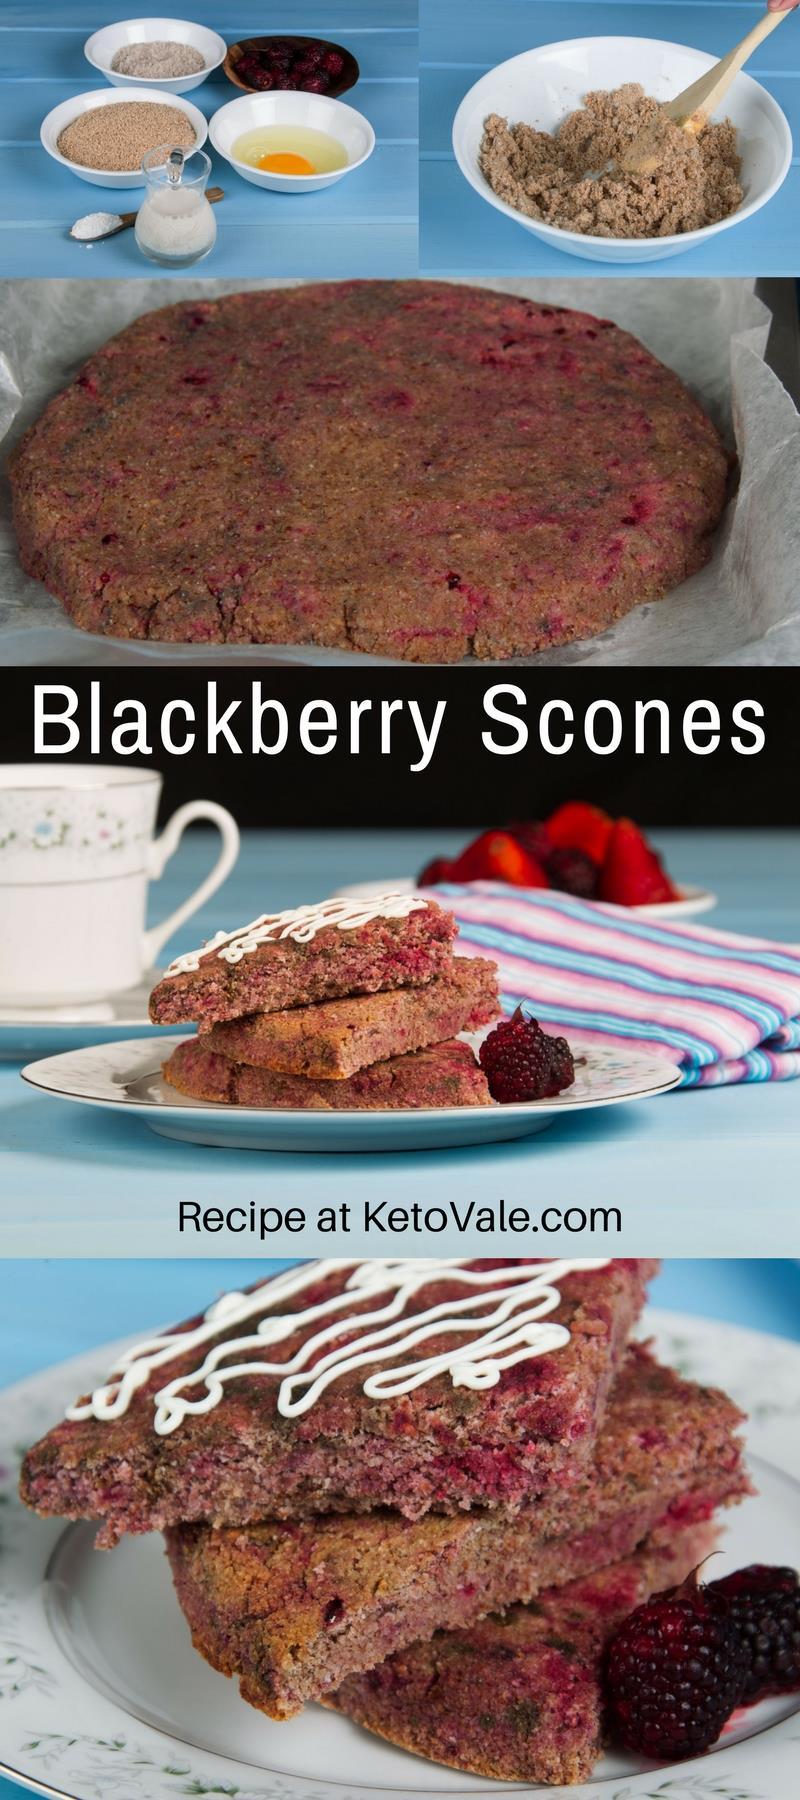 Blackberry Scones Recipe